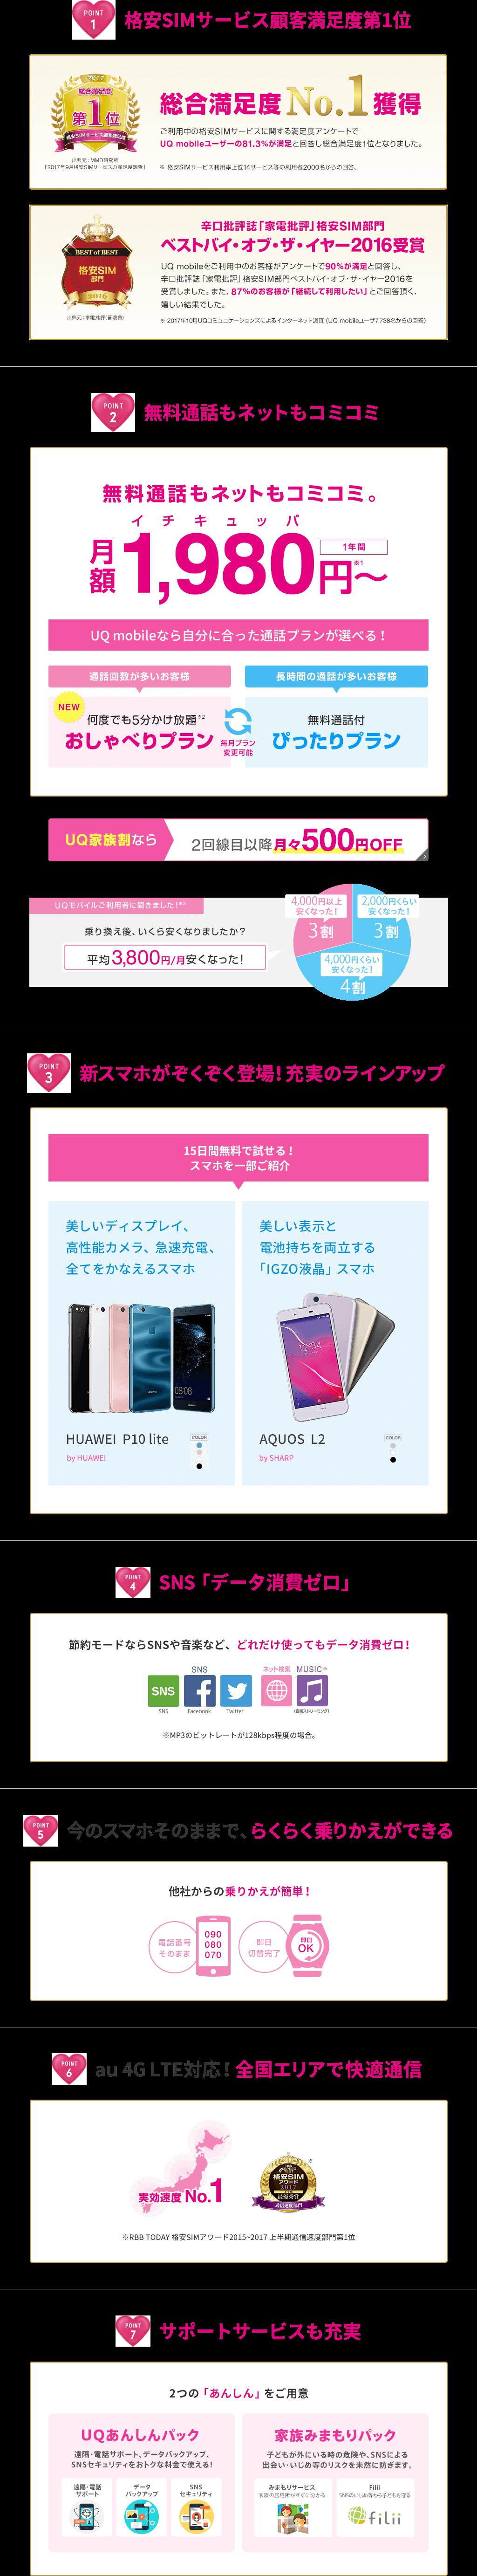 UQ mobileが選ばれる7つのポイント!UQモバイル 格安スマホ 格安sim パークプレイス大分